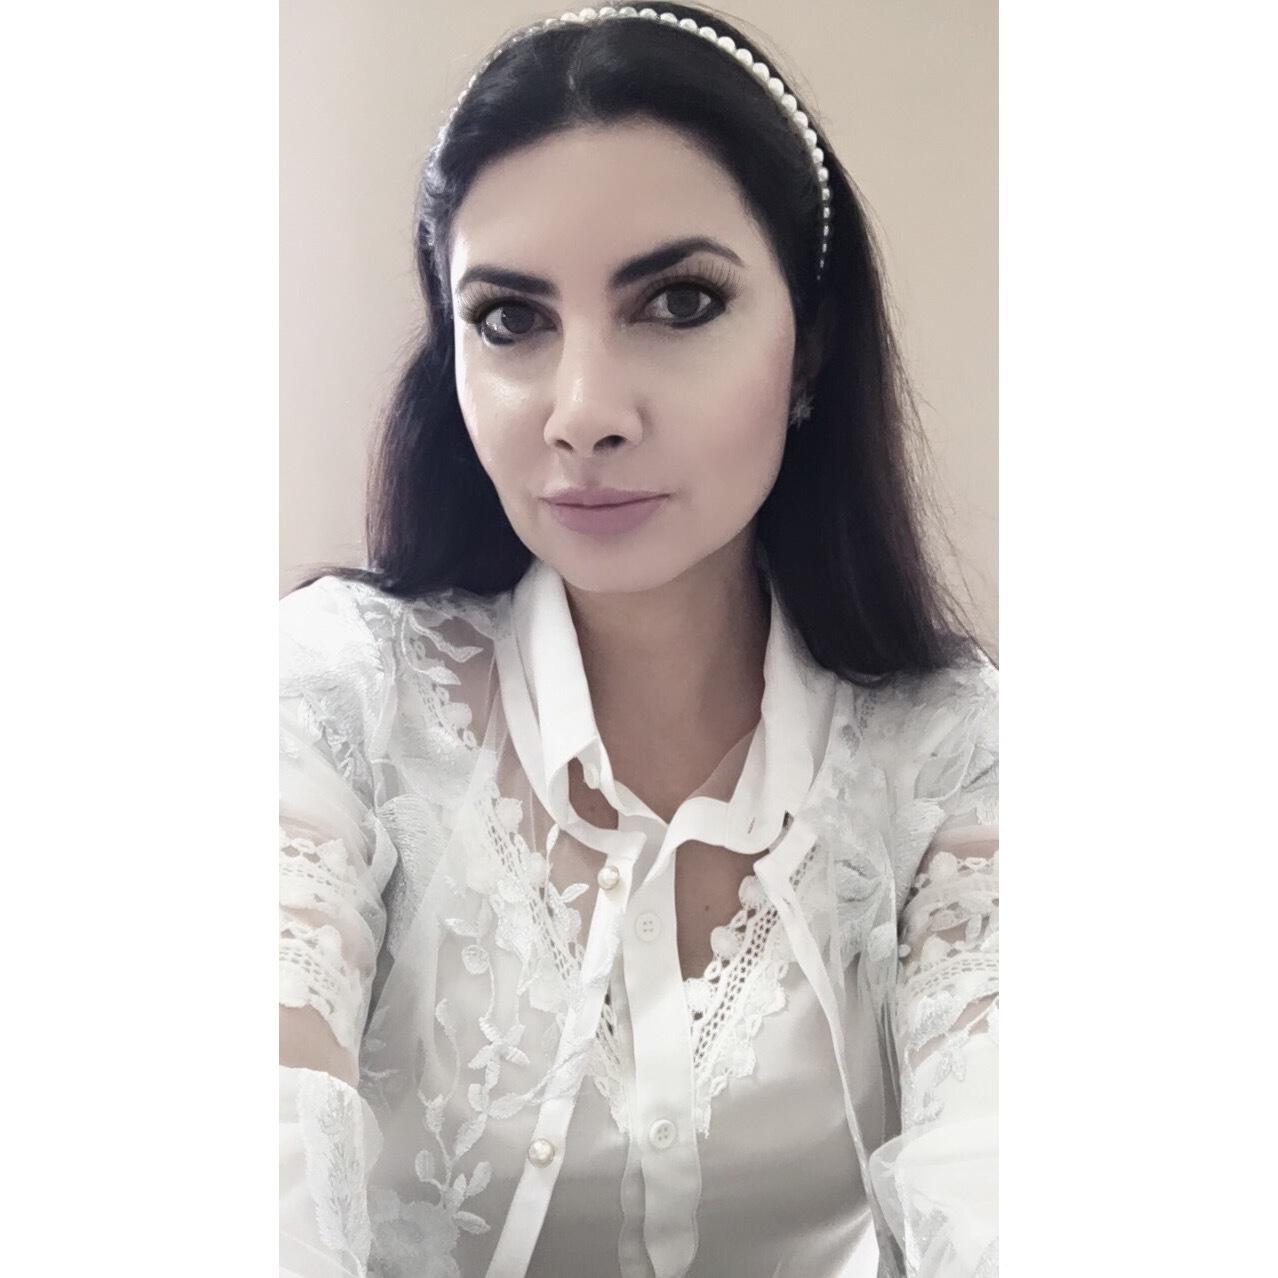 Raquel Maria de Carvalho